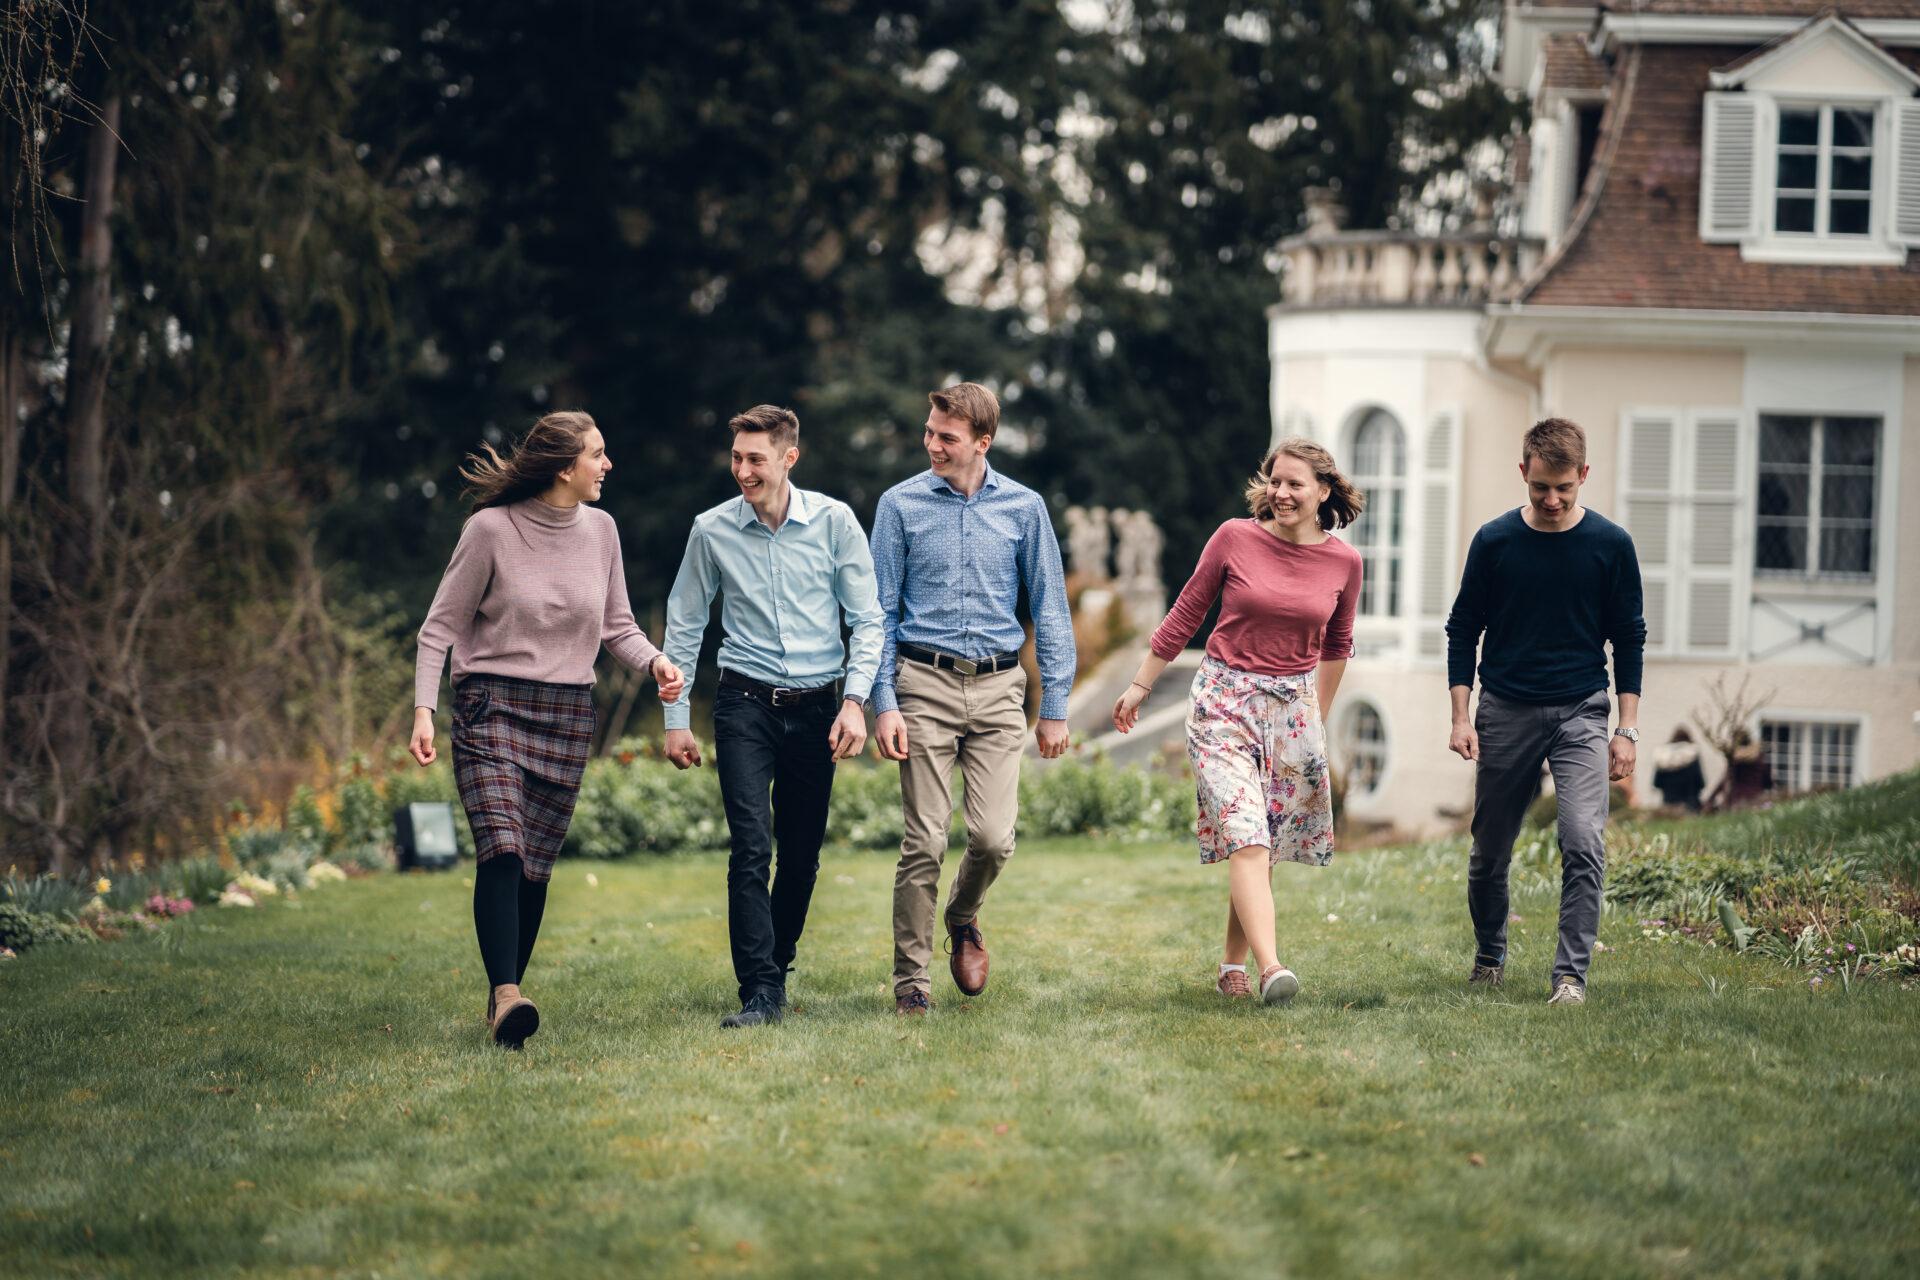 Ein Gruppe Jugendlicher unterhalten sich